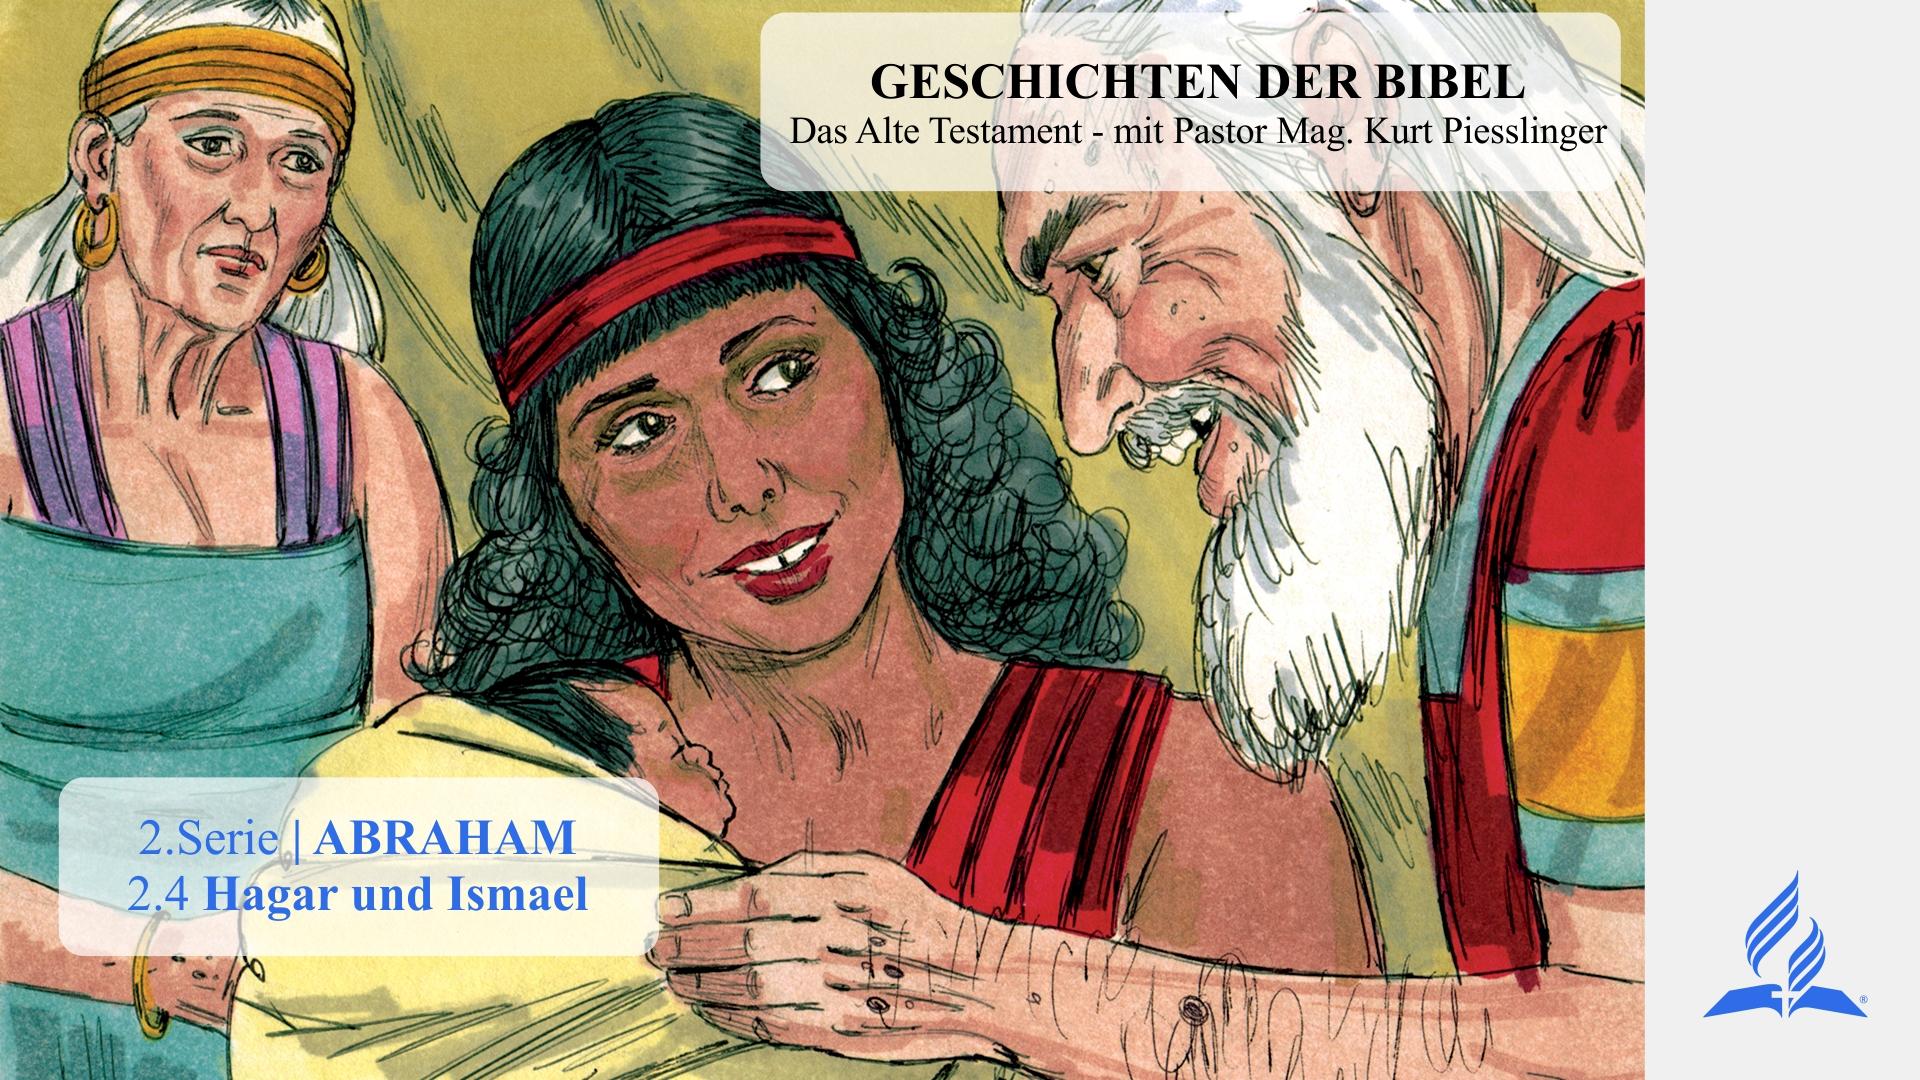 2.4 Hagar und Ismael – 2.ABRAHAM | Pastor Mag. Kurt Piesslinger